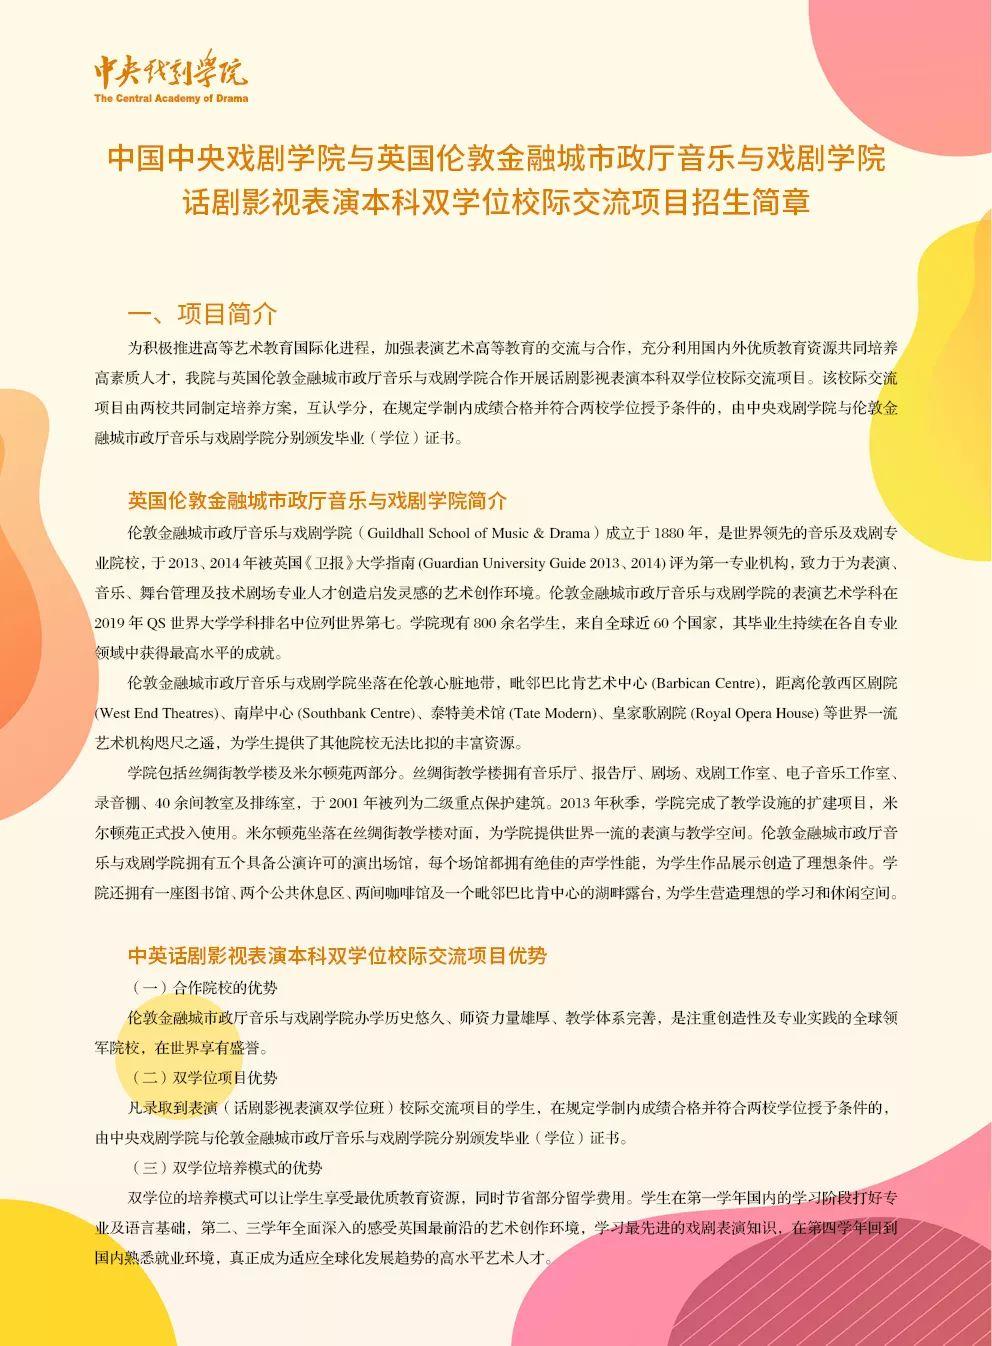 中国传媒大学,北京电影学院,中央戏剧学院,北京巅峰广艺画室       50